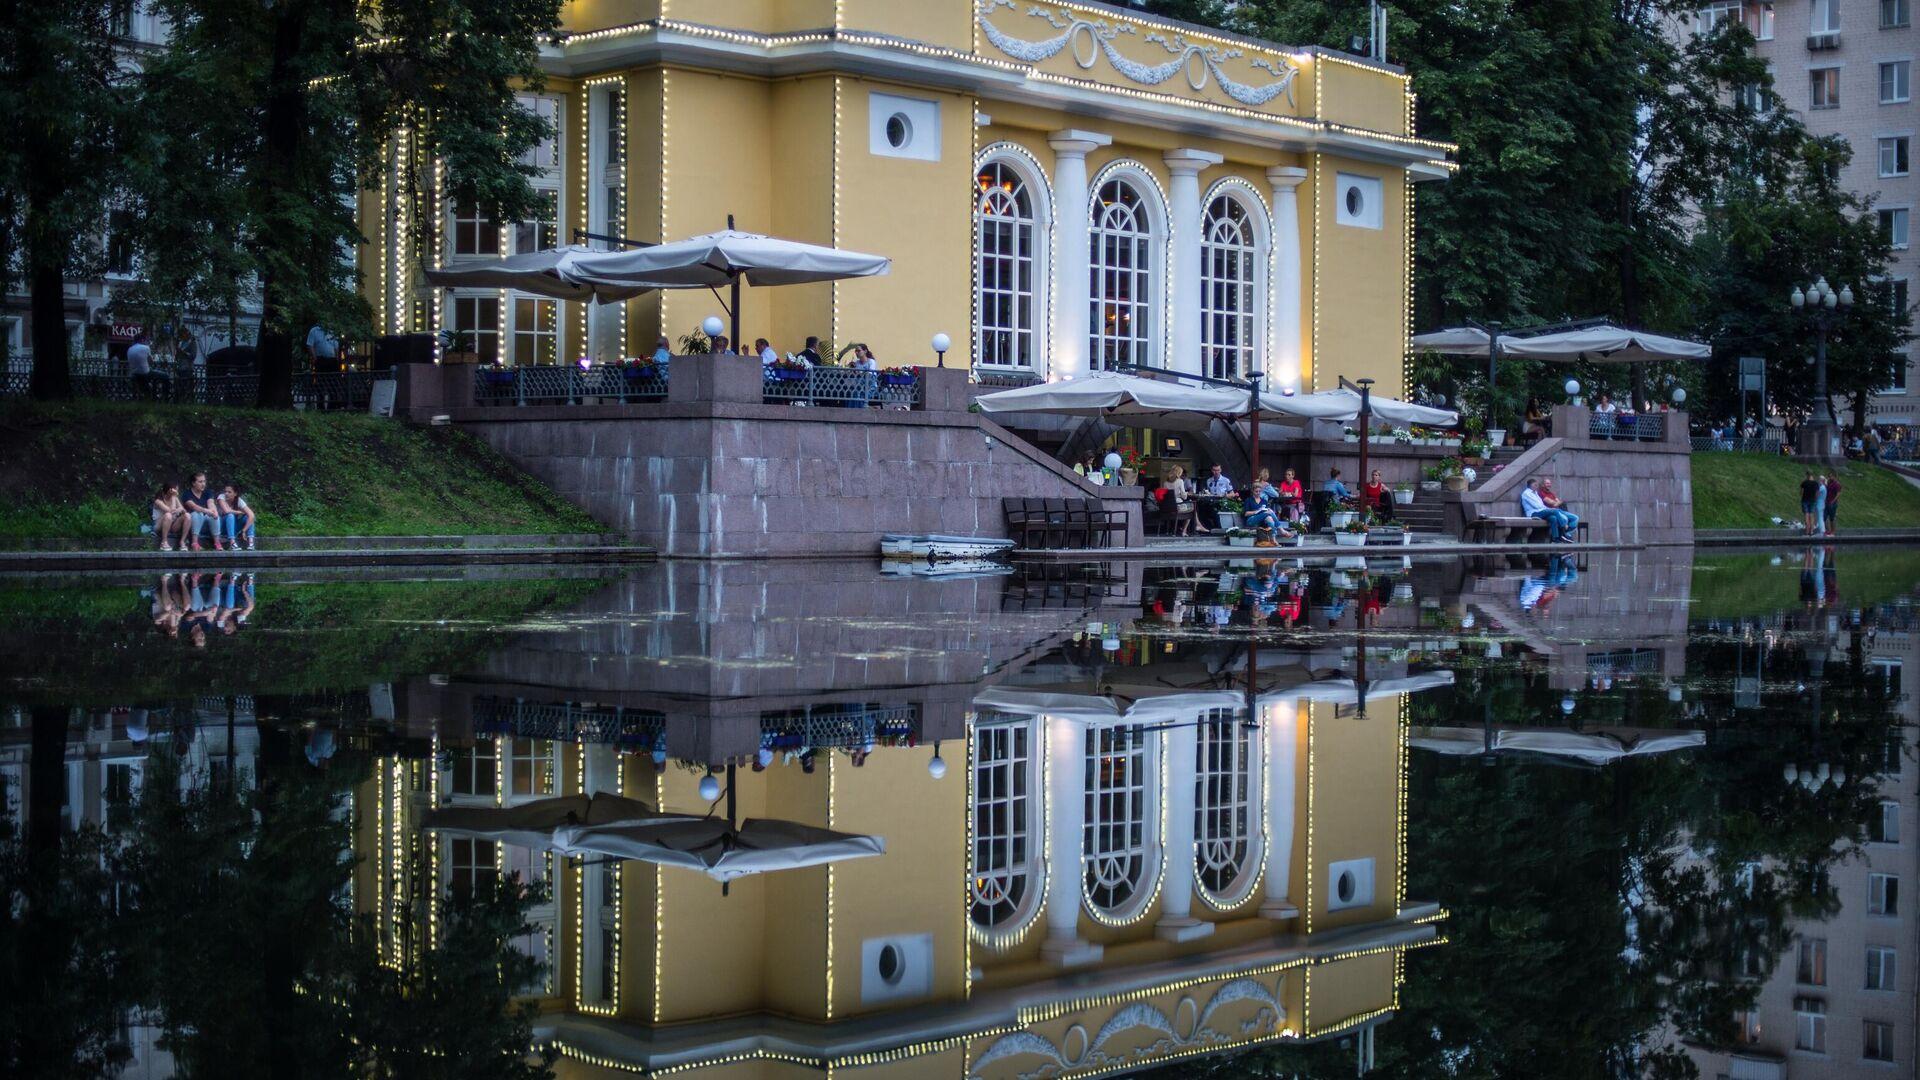 Горожане отдыхают на Патриарших прудах в Москве - РИА Новости, 1920, 11.06.2021